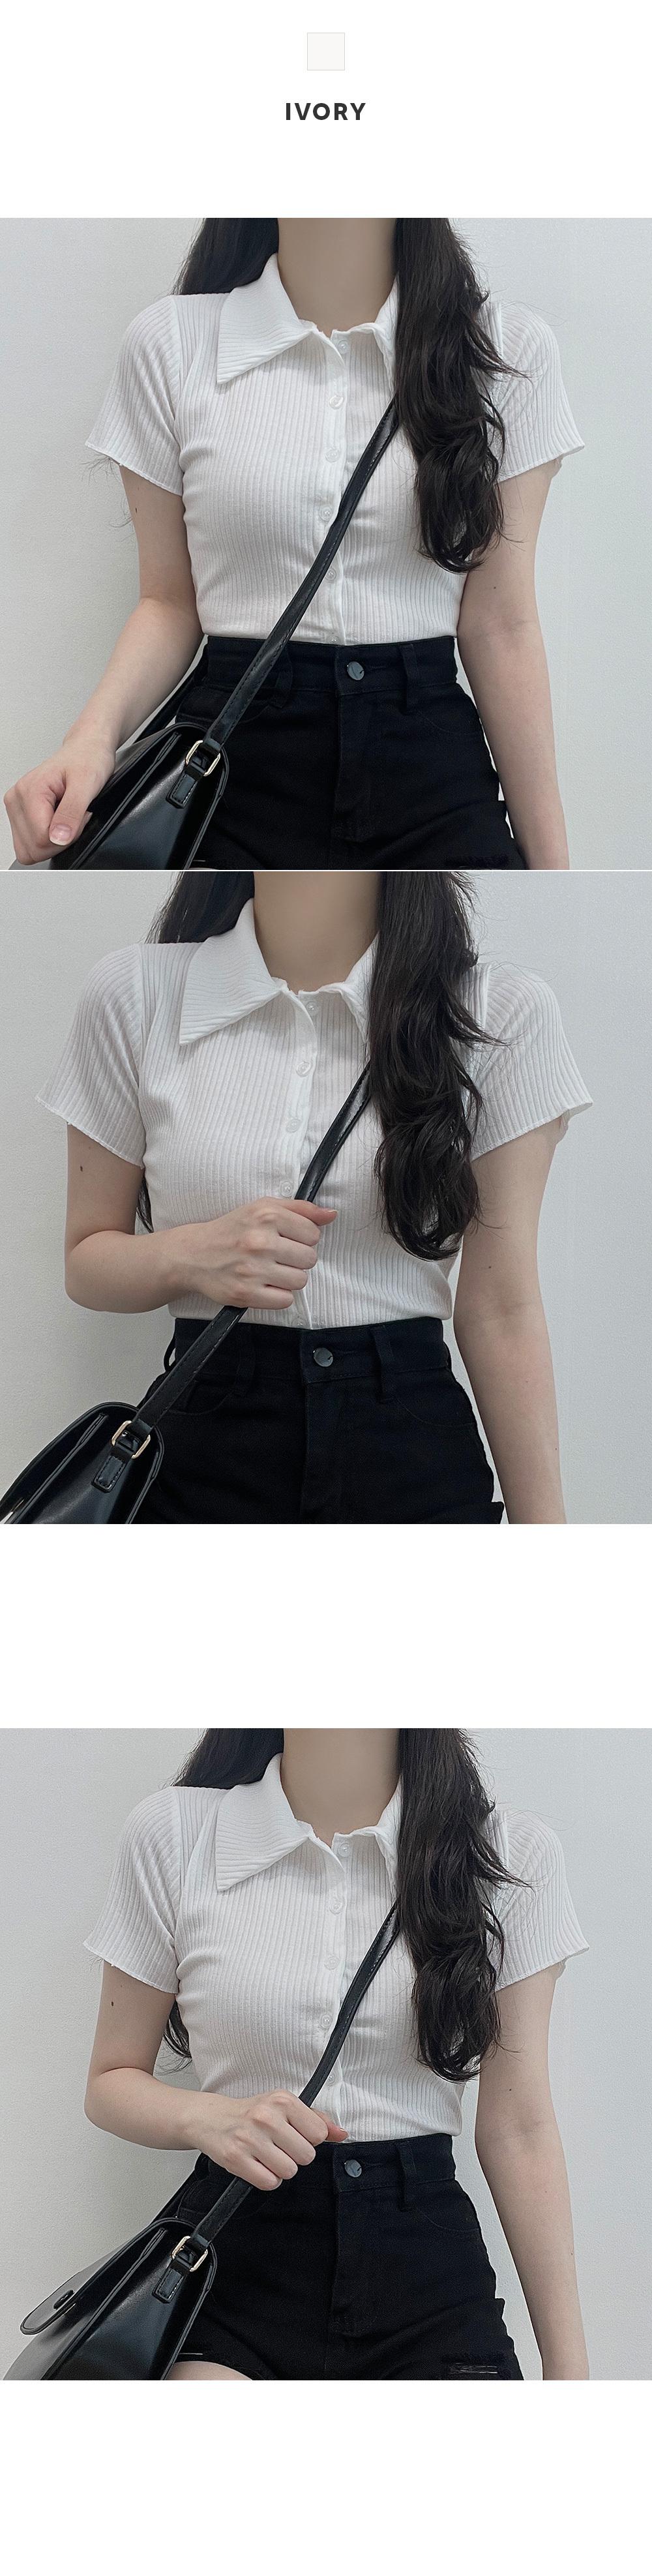 심플 무드, 크롭 골지 카라 반팔 티셔츠 가디건